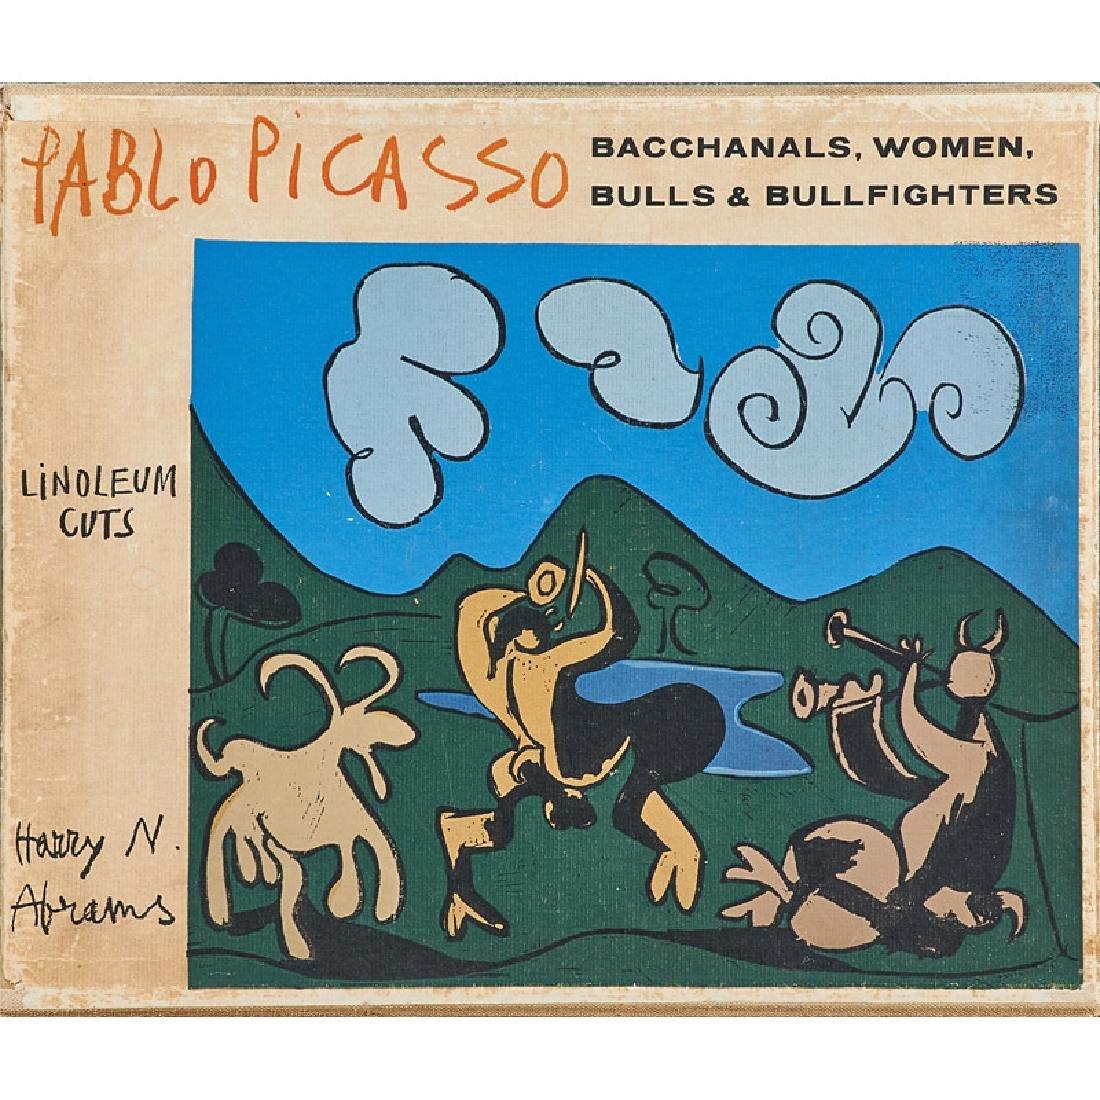 Pablo Picasso (Spanish, 1881-1973) - 4